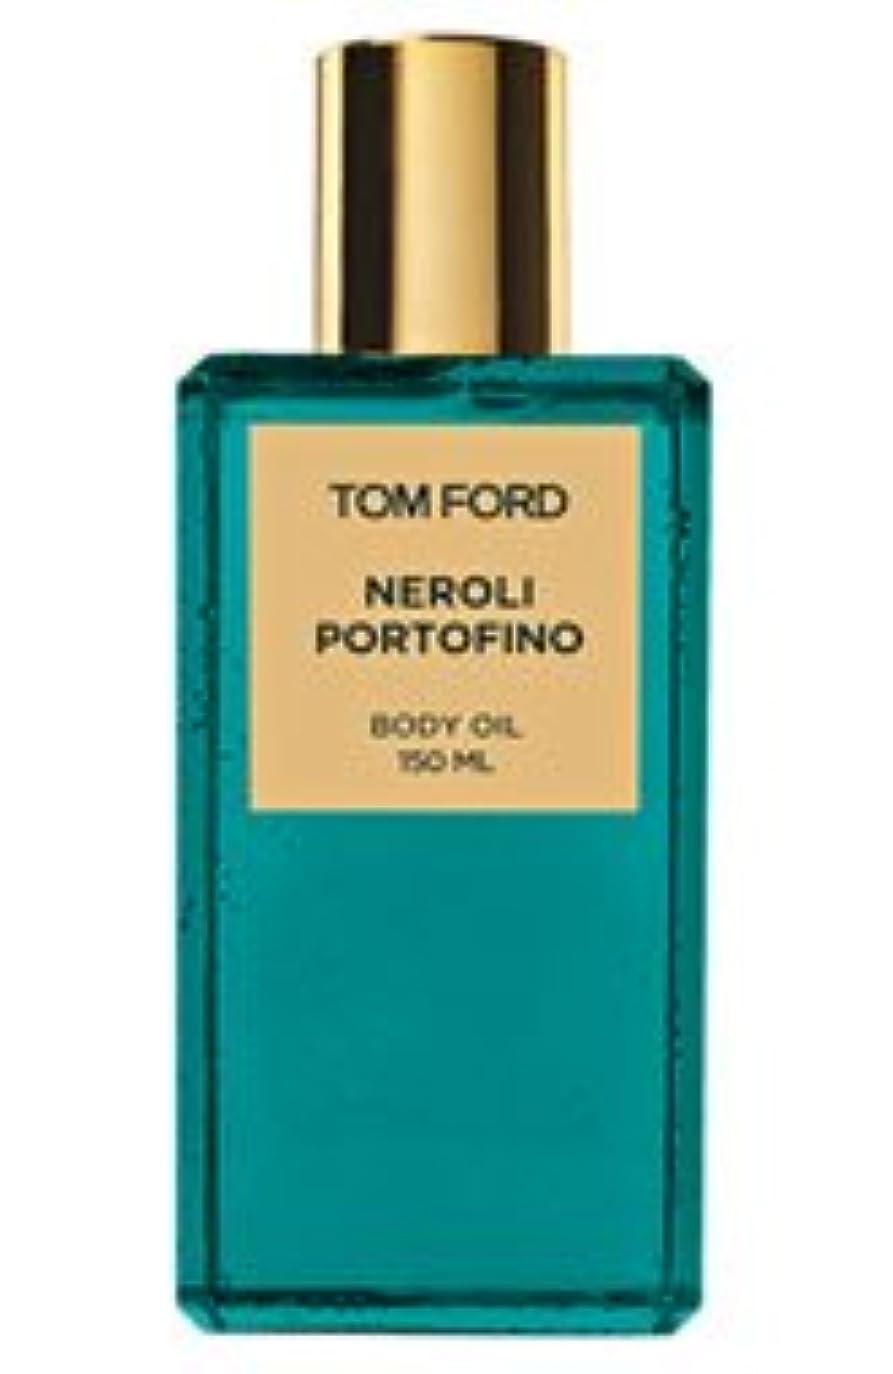 慢性的調整する虚偽Tom Ford Private Blend 'Neroli Portofino' (トムフォード プライベートブレンド ネロリポートフィーノ) 5.0 oz (150ml) Body Oil for Unisex